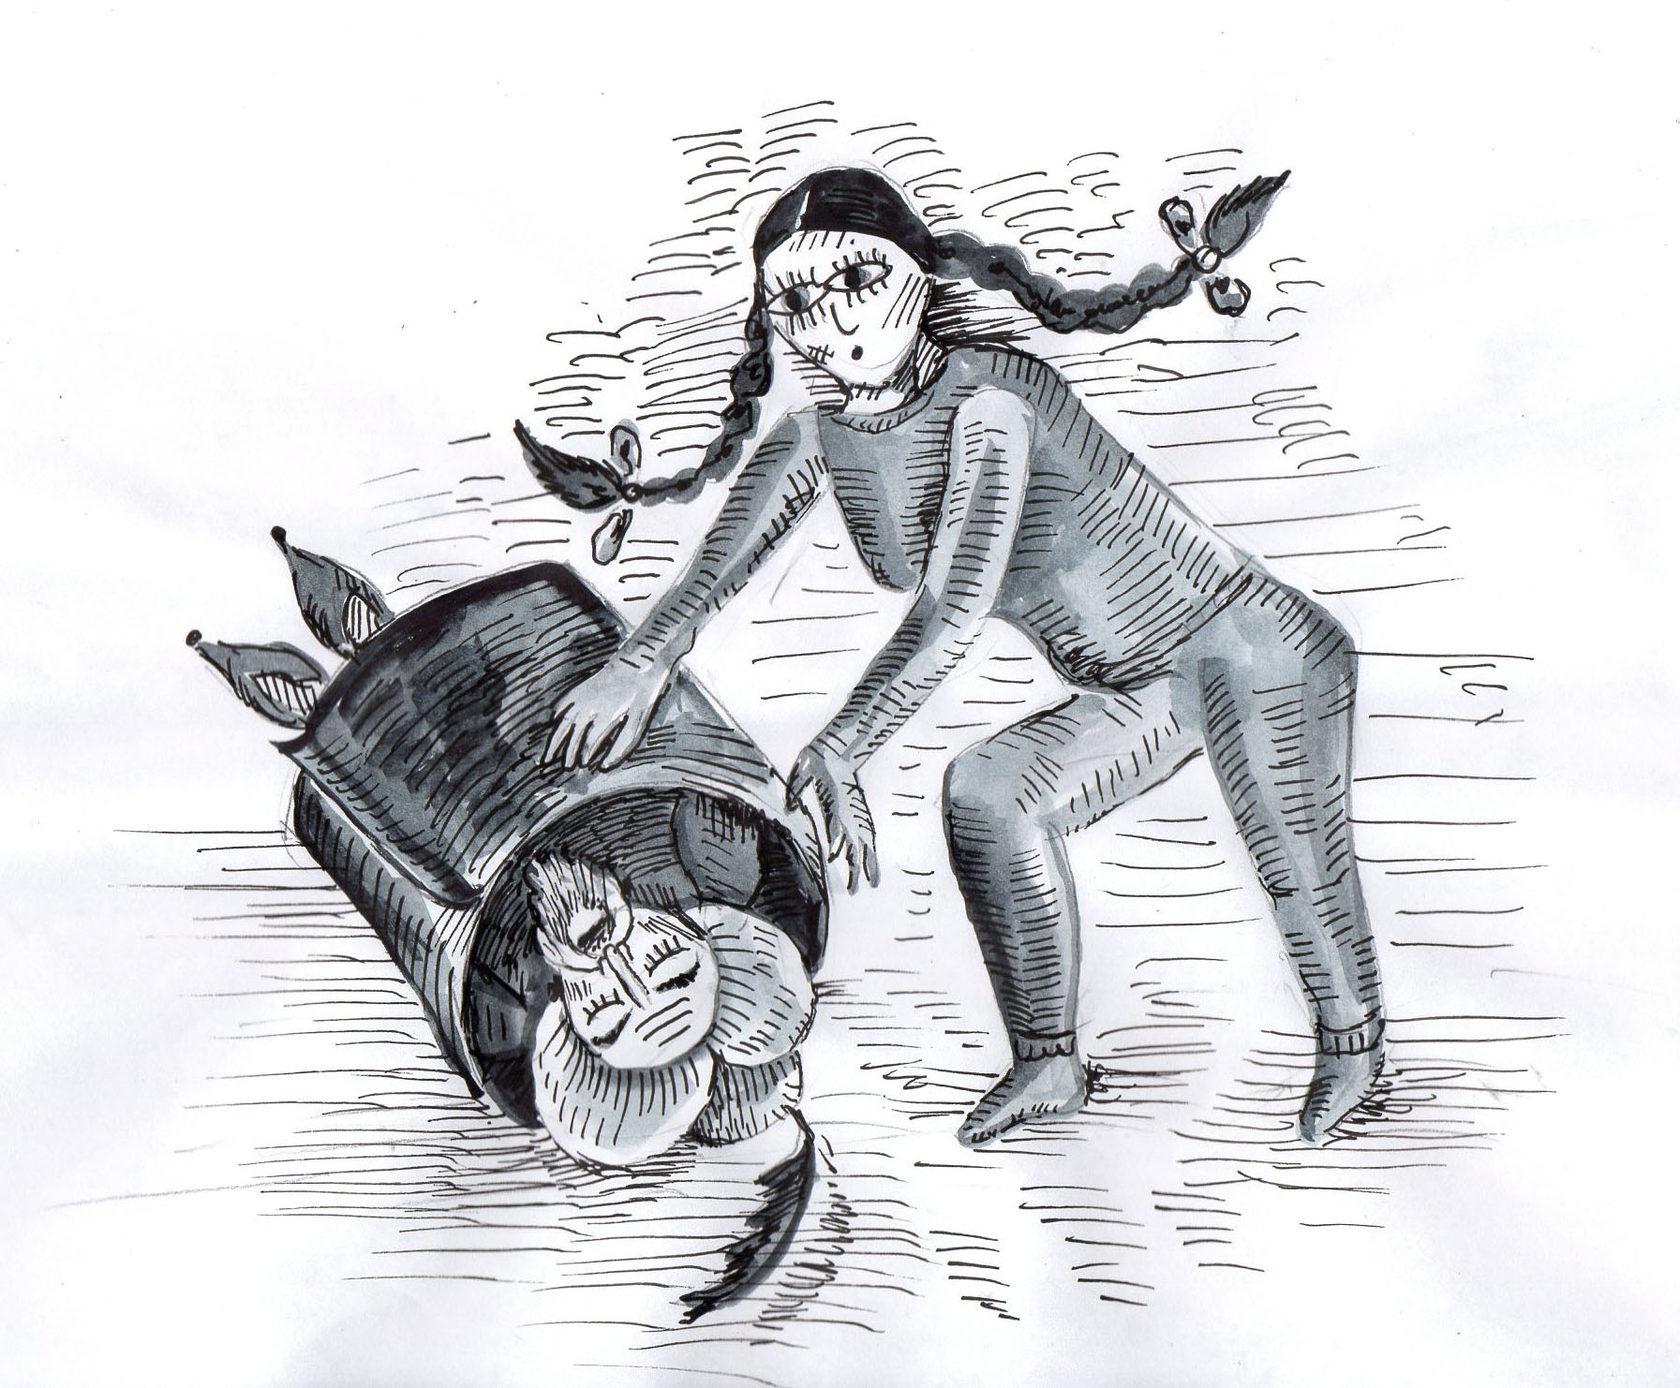 Свадьбы не будет. Чему учат девочек феминистские сказки по-русски интересное,общество,россияне,сказки,феминизм